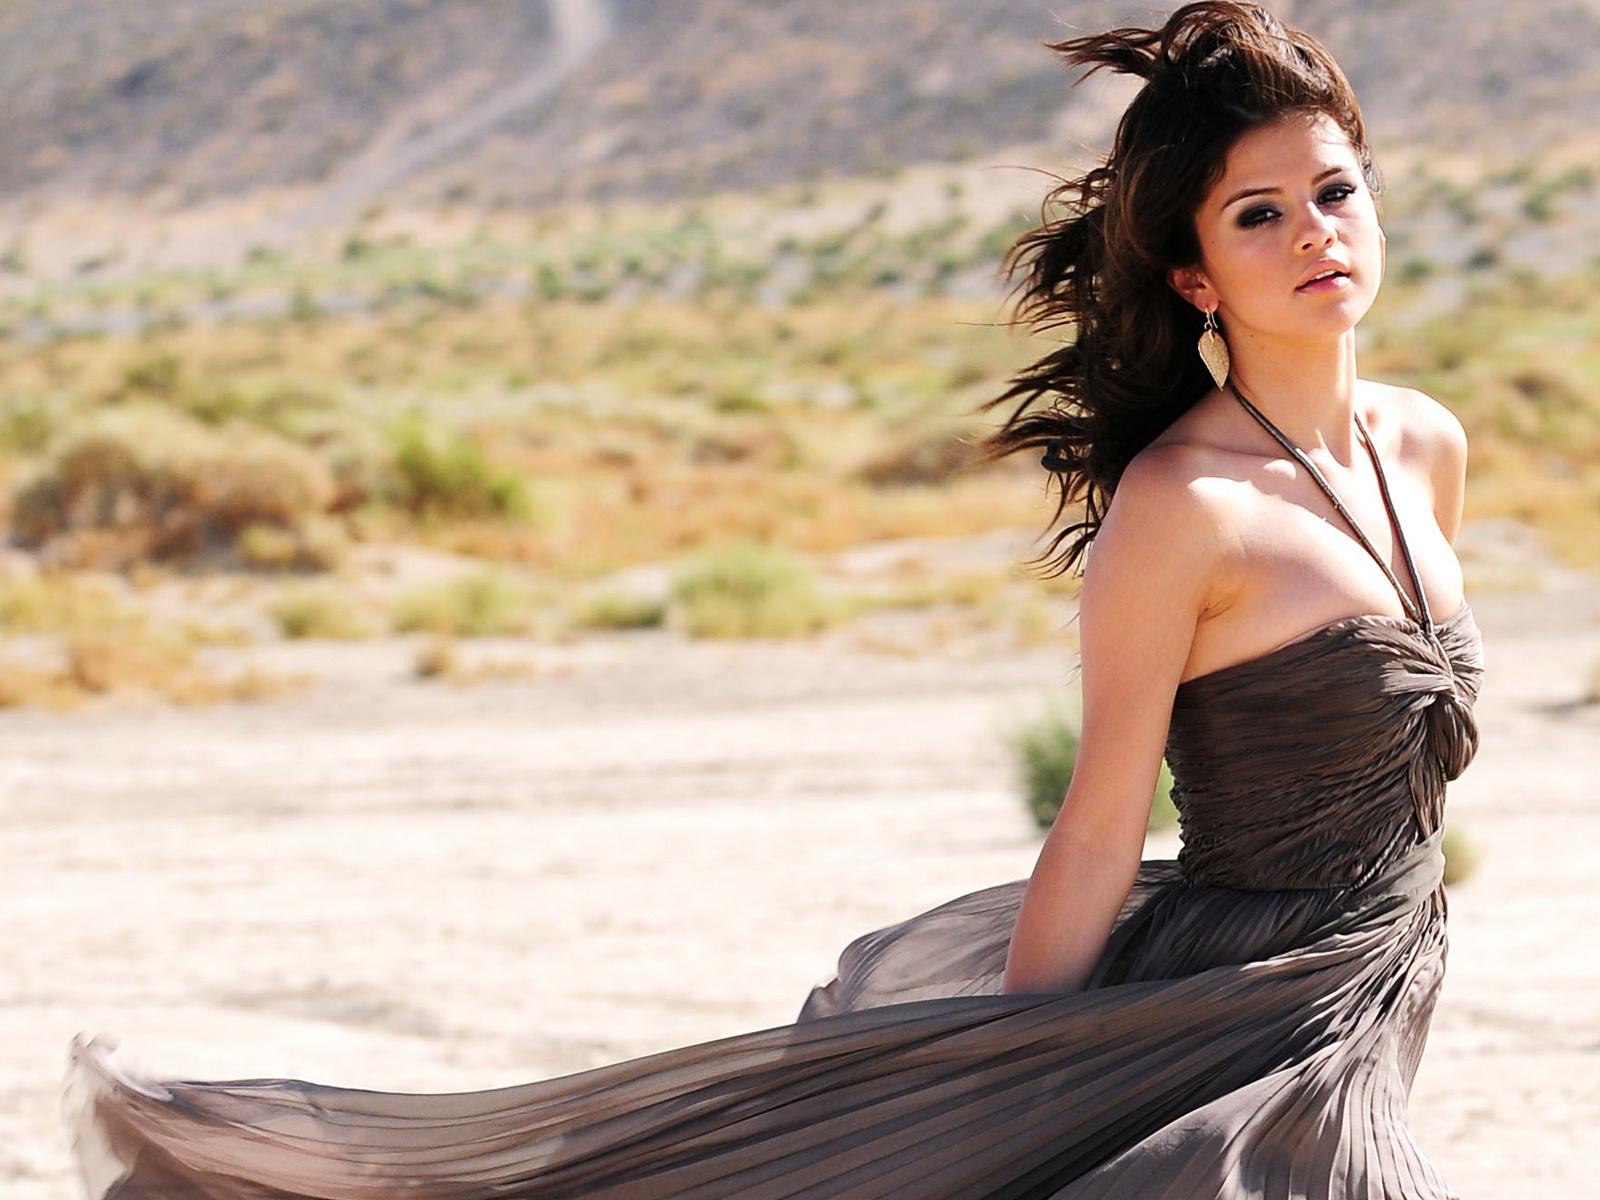 http://4.bp.blogspot.com/-GbFhaaJ3M1c/Tteyc9D9niI/AAAAAAAAANo/CKDB2cSYqh8/s1600/Selena+Gomez+04.jpg